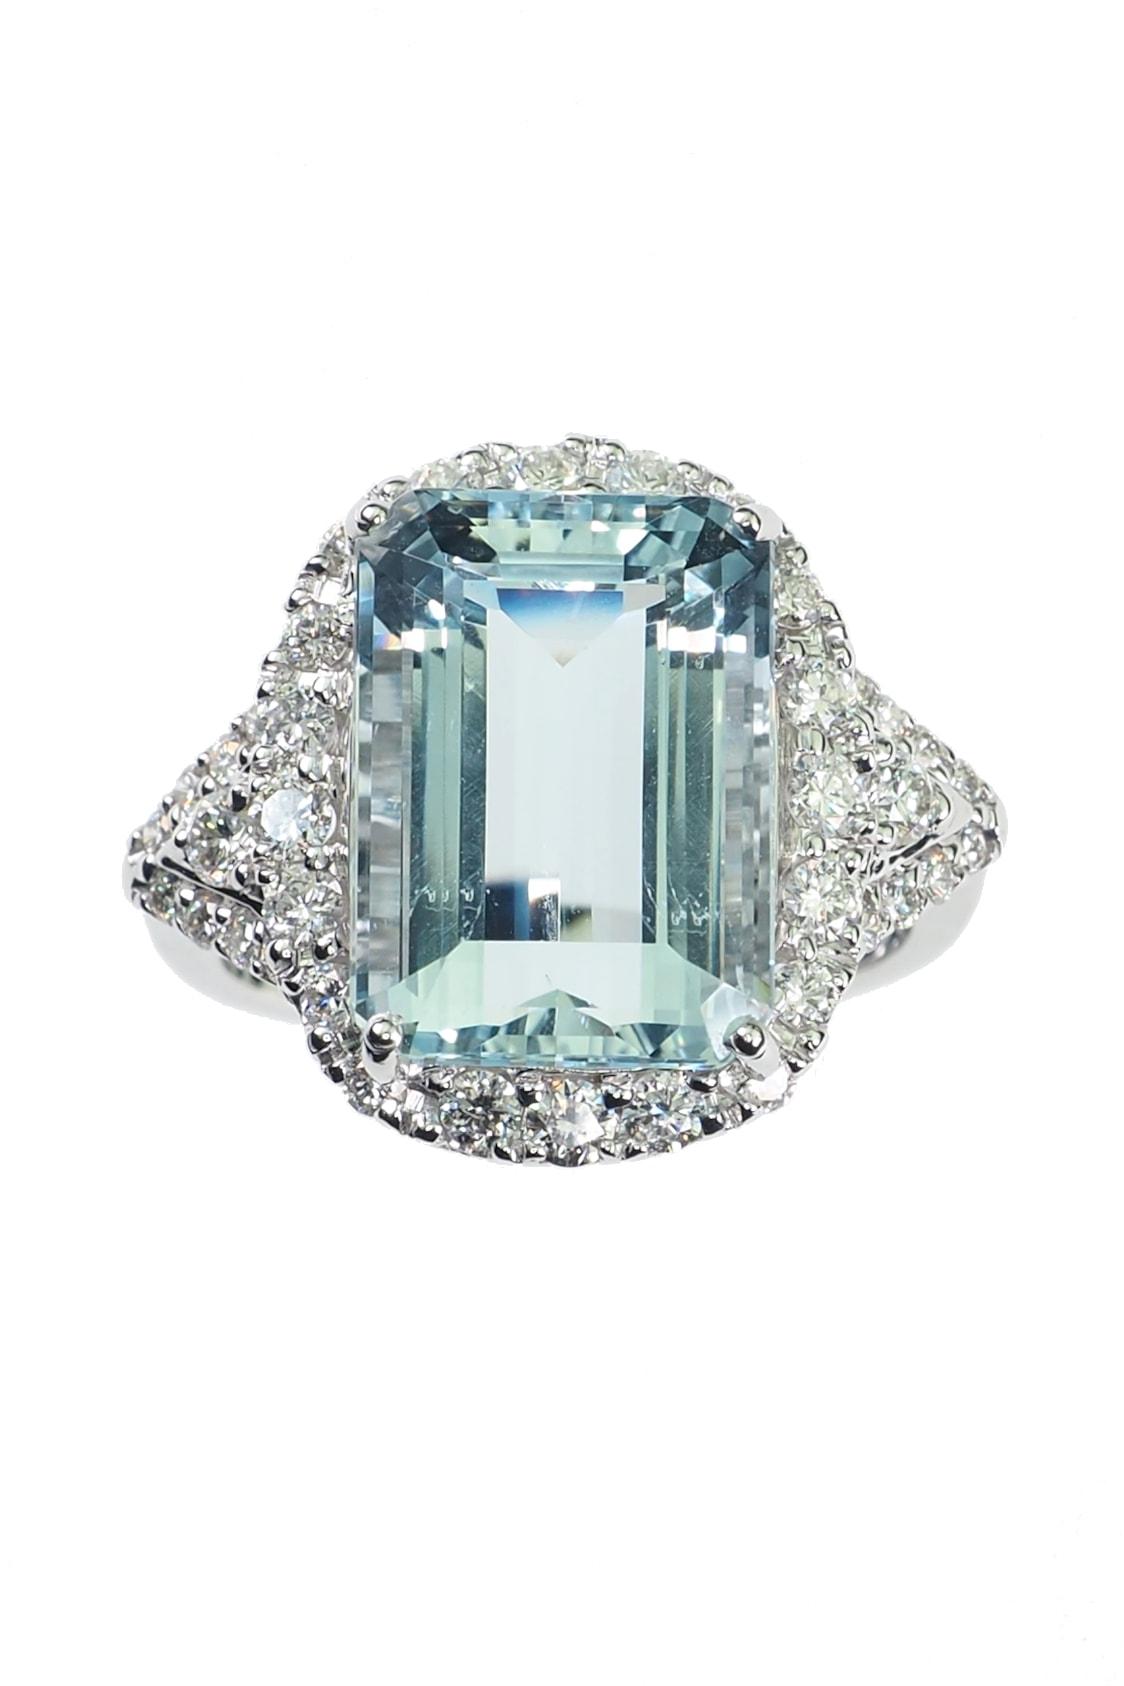 Verlobungsringe-online-kaufen-1208